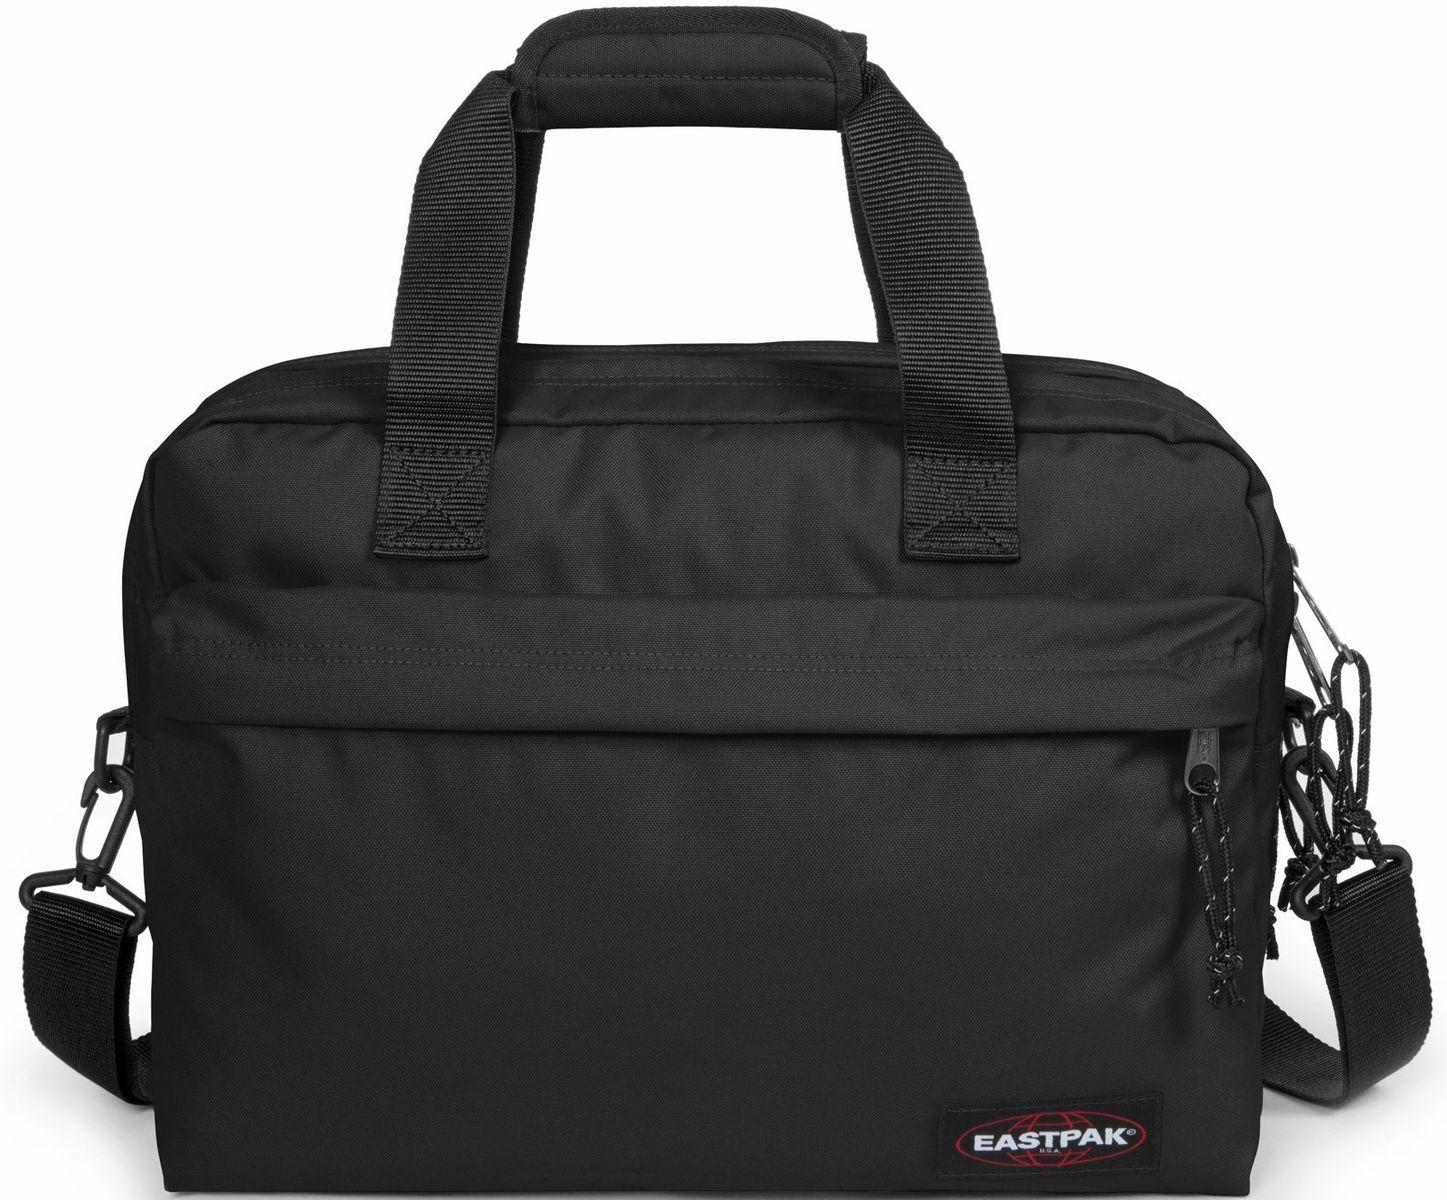 Χαρτοφυλακας Bartech για Laptop 15inch Eastpak EK34D008 Μαύρο ανδρας   χαρτοφύλακες